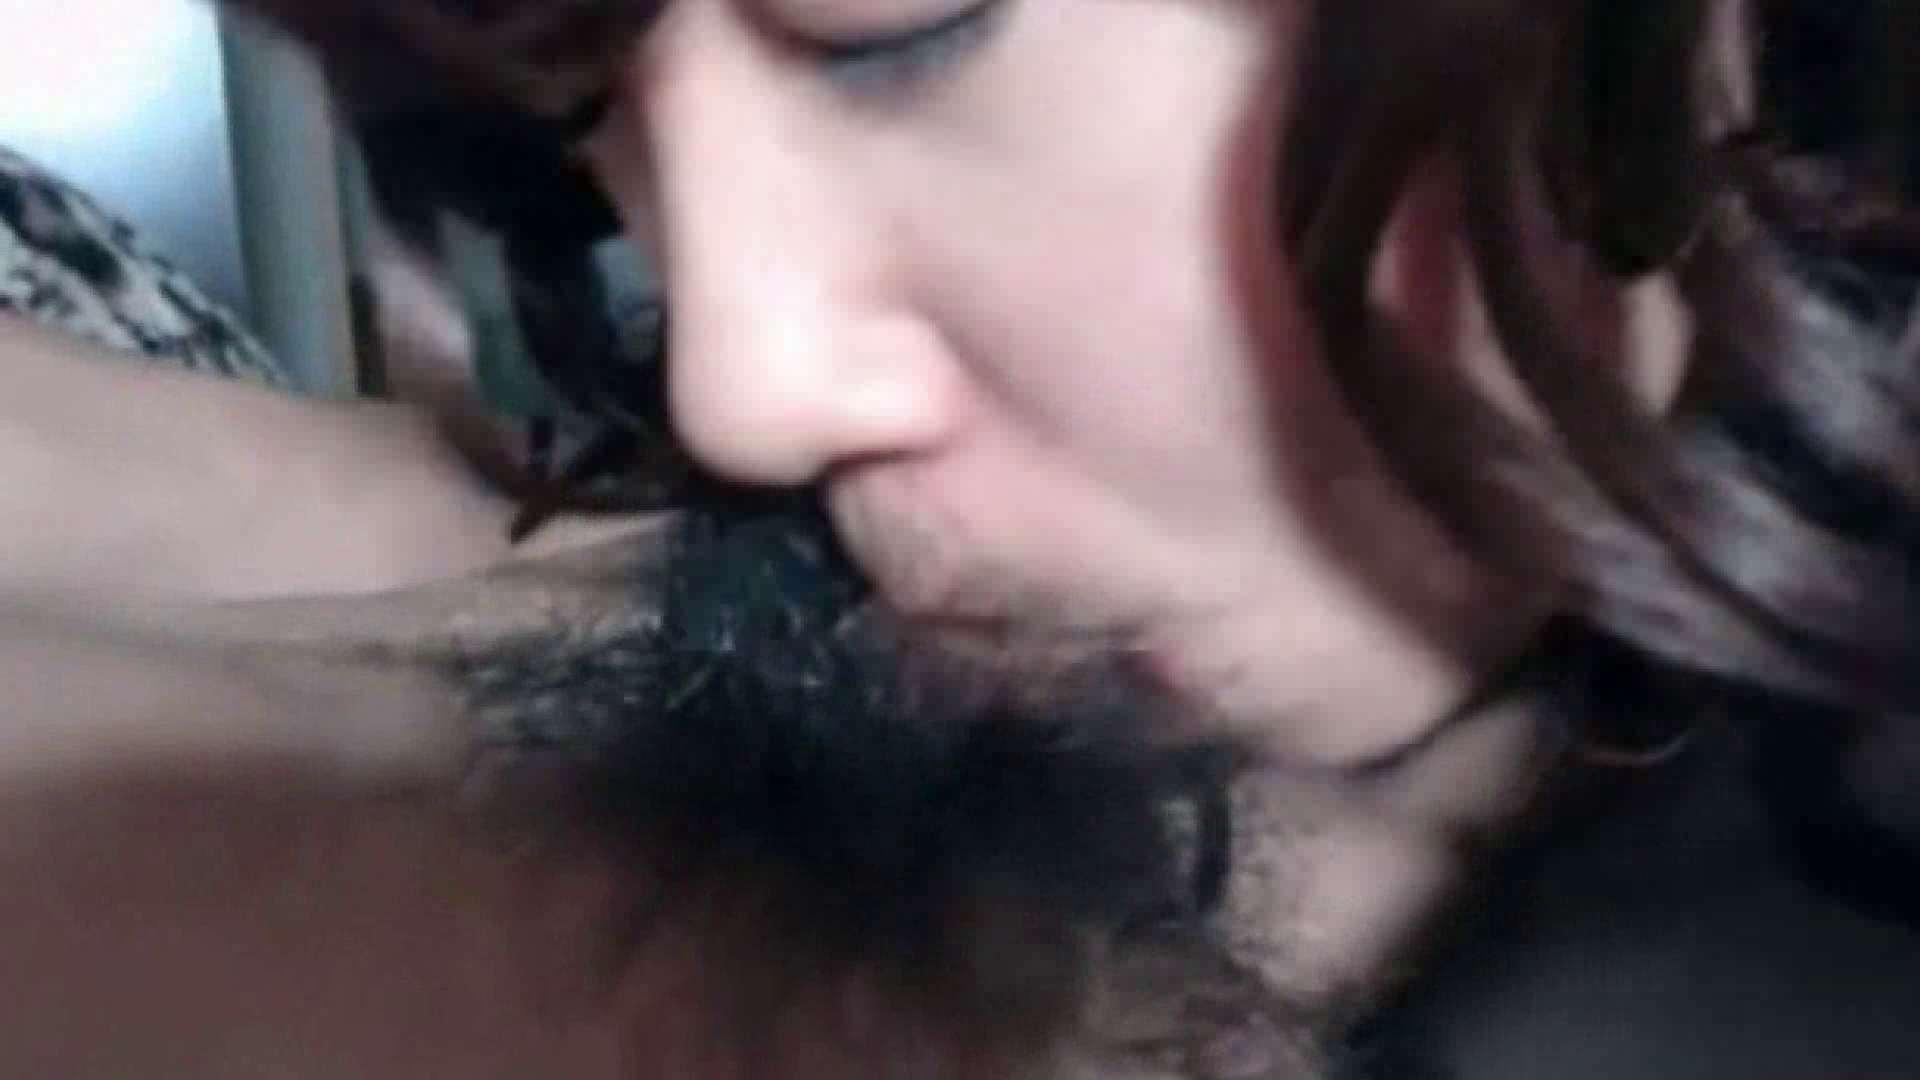 ギャルとハメハメ生チャット!Vol.12前編 SEX画像 オマンコ無修正動画無料 112PICs 15